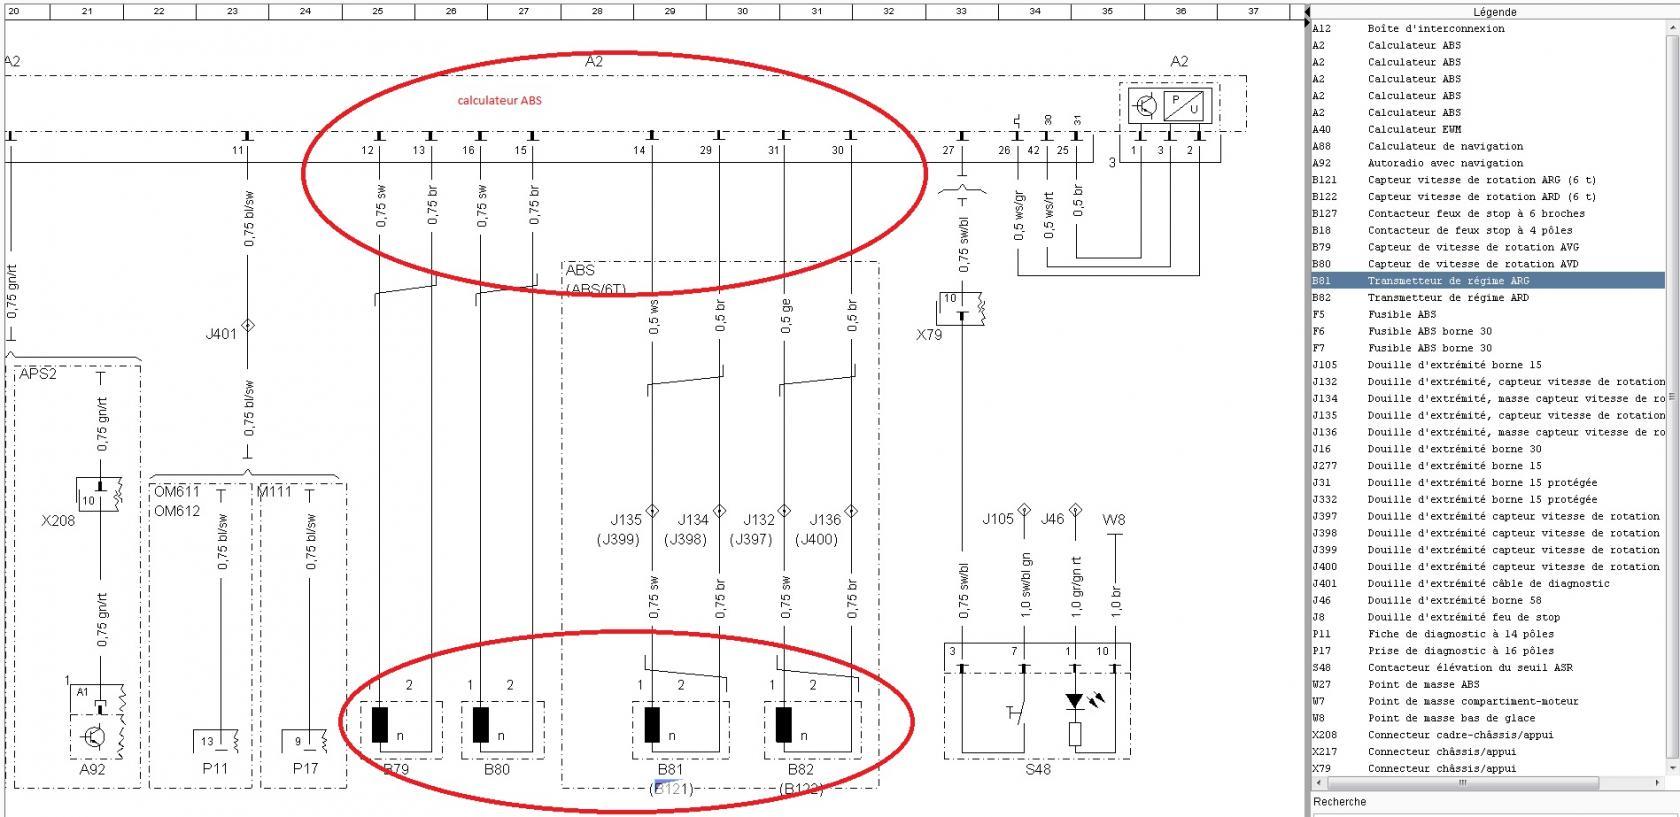 schema-electrique-wdb-ABS-9036621R331262.jpeg